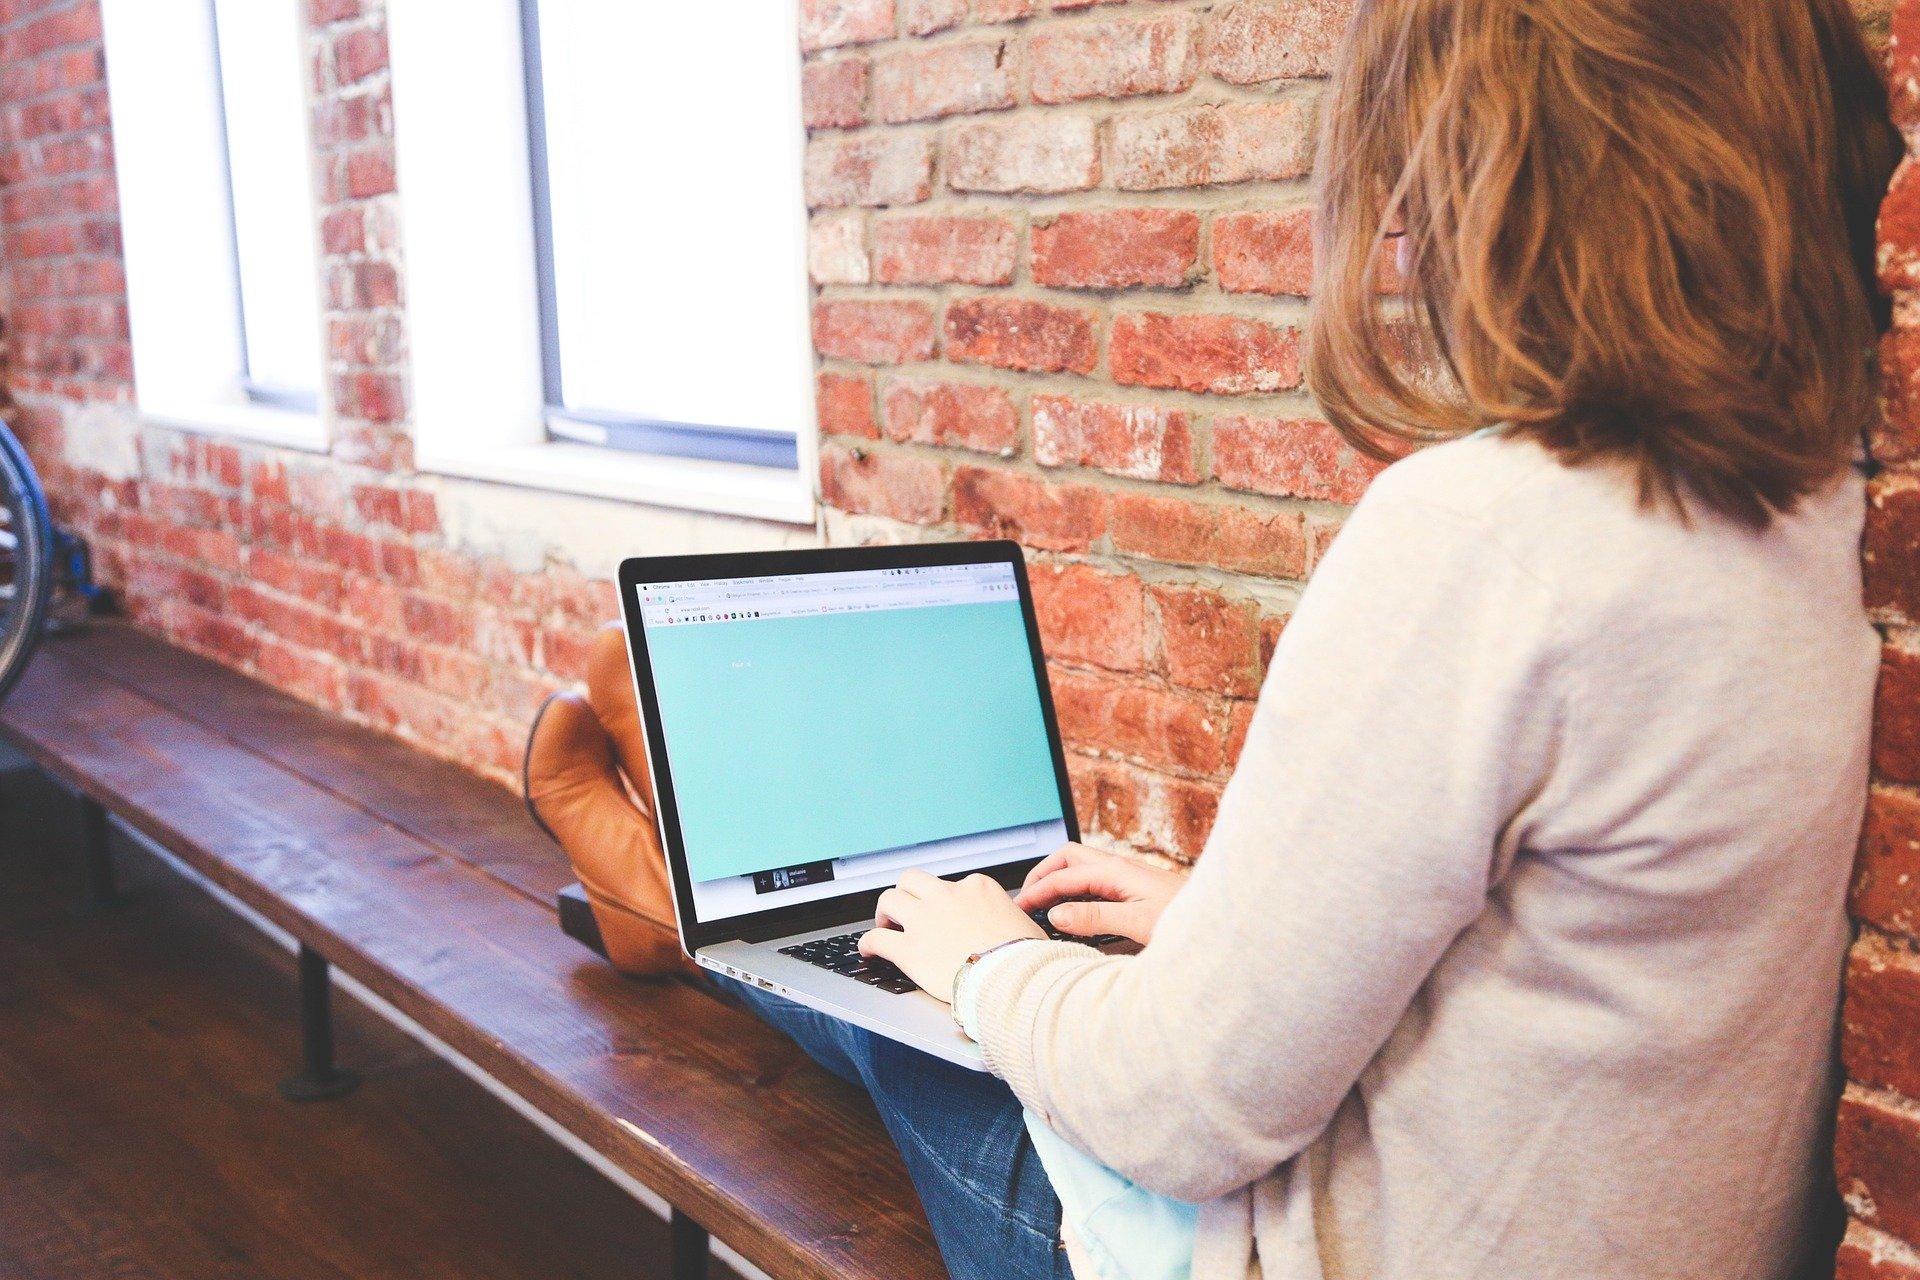 引越し先のインターネットはどうする?移転・解約手続き方法と開通までの期間解説